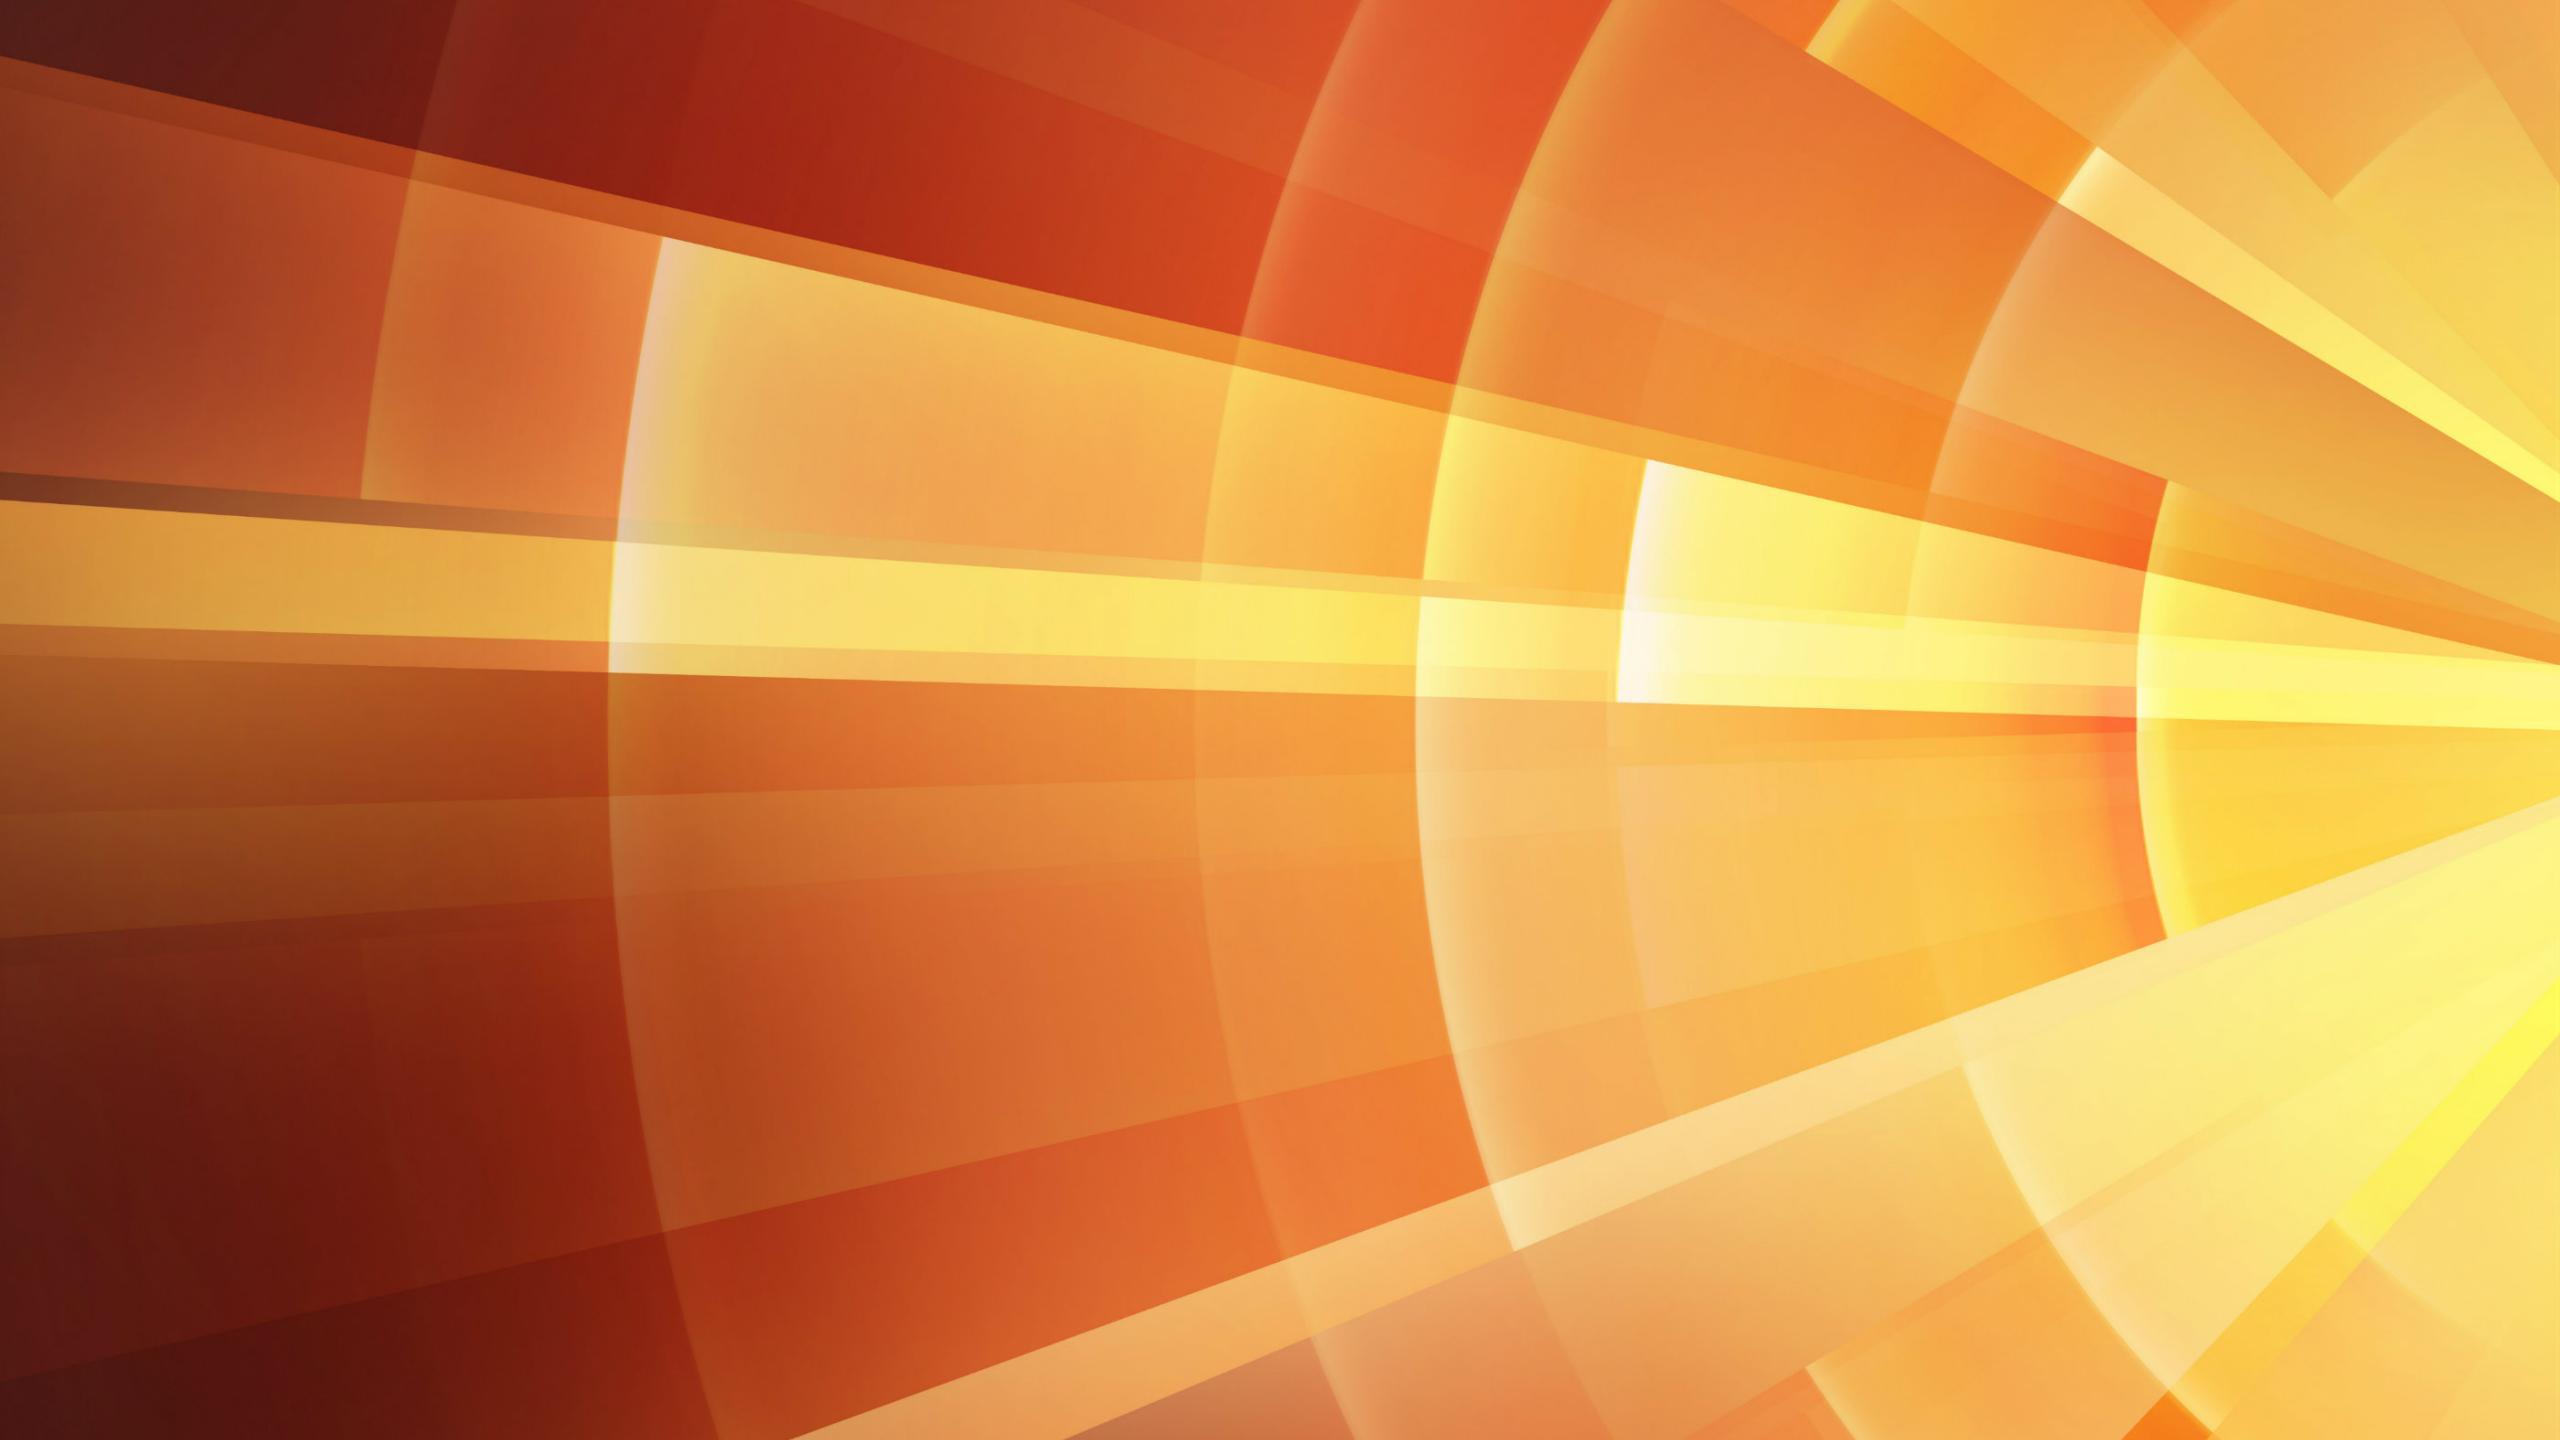 Sfondi Luce Del Sole Astratto Rosso Riflessione Simmetria